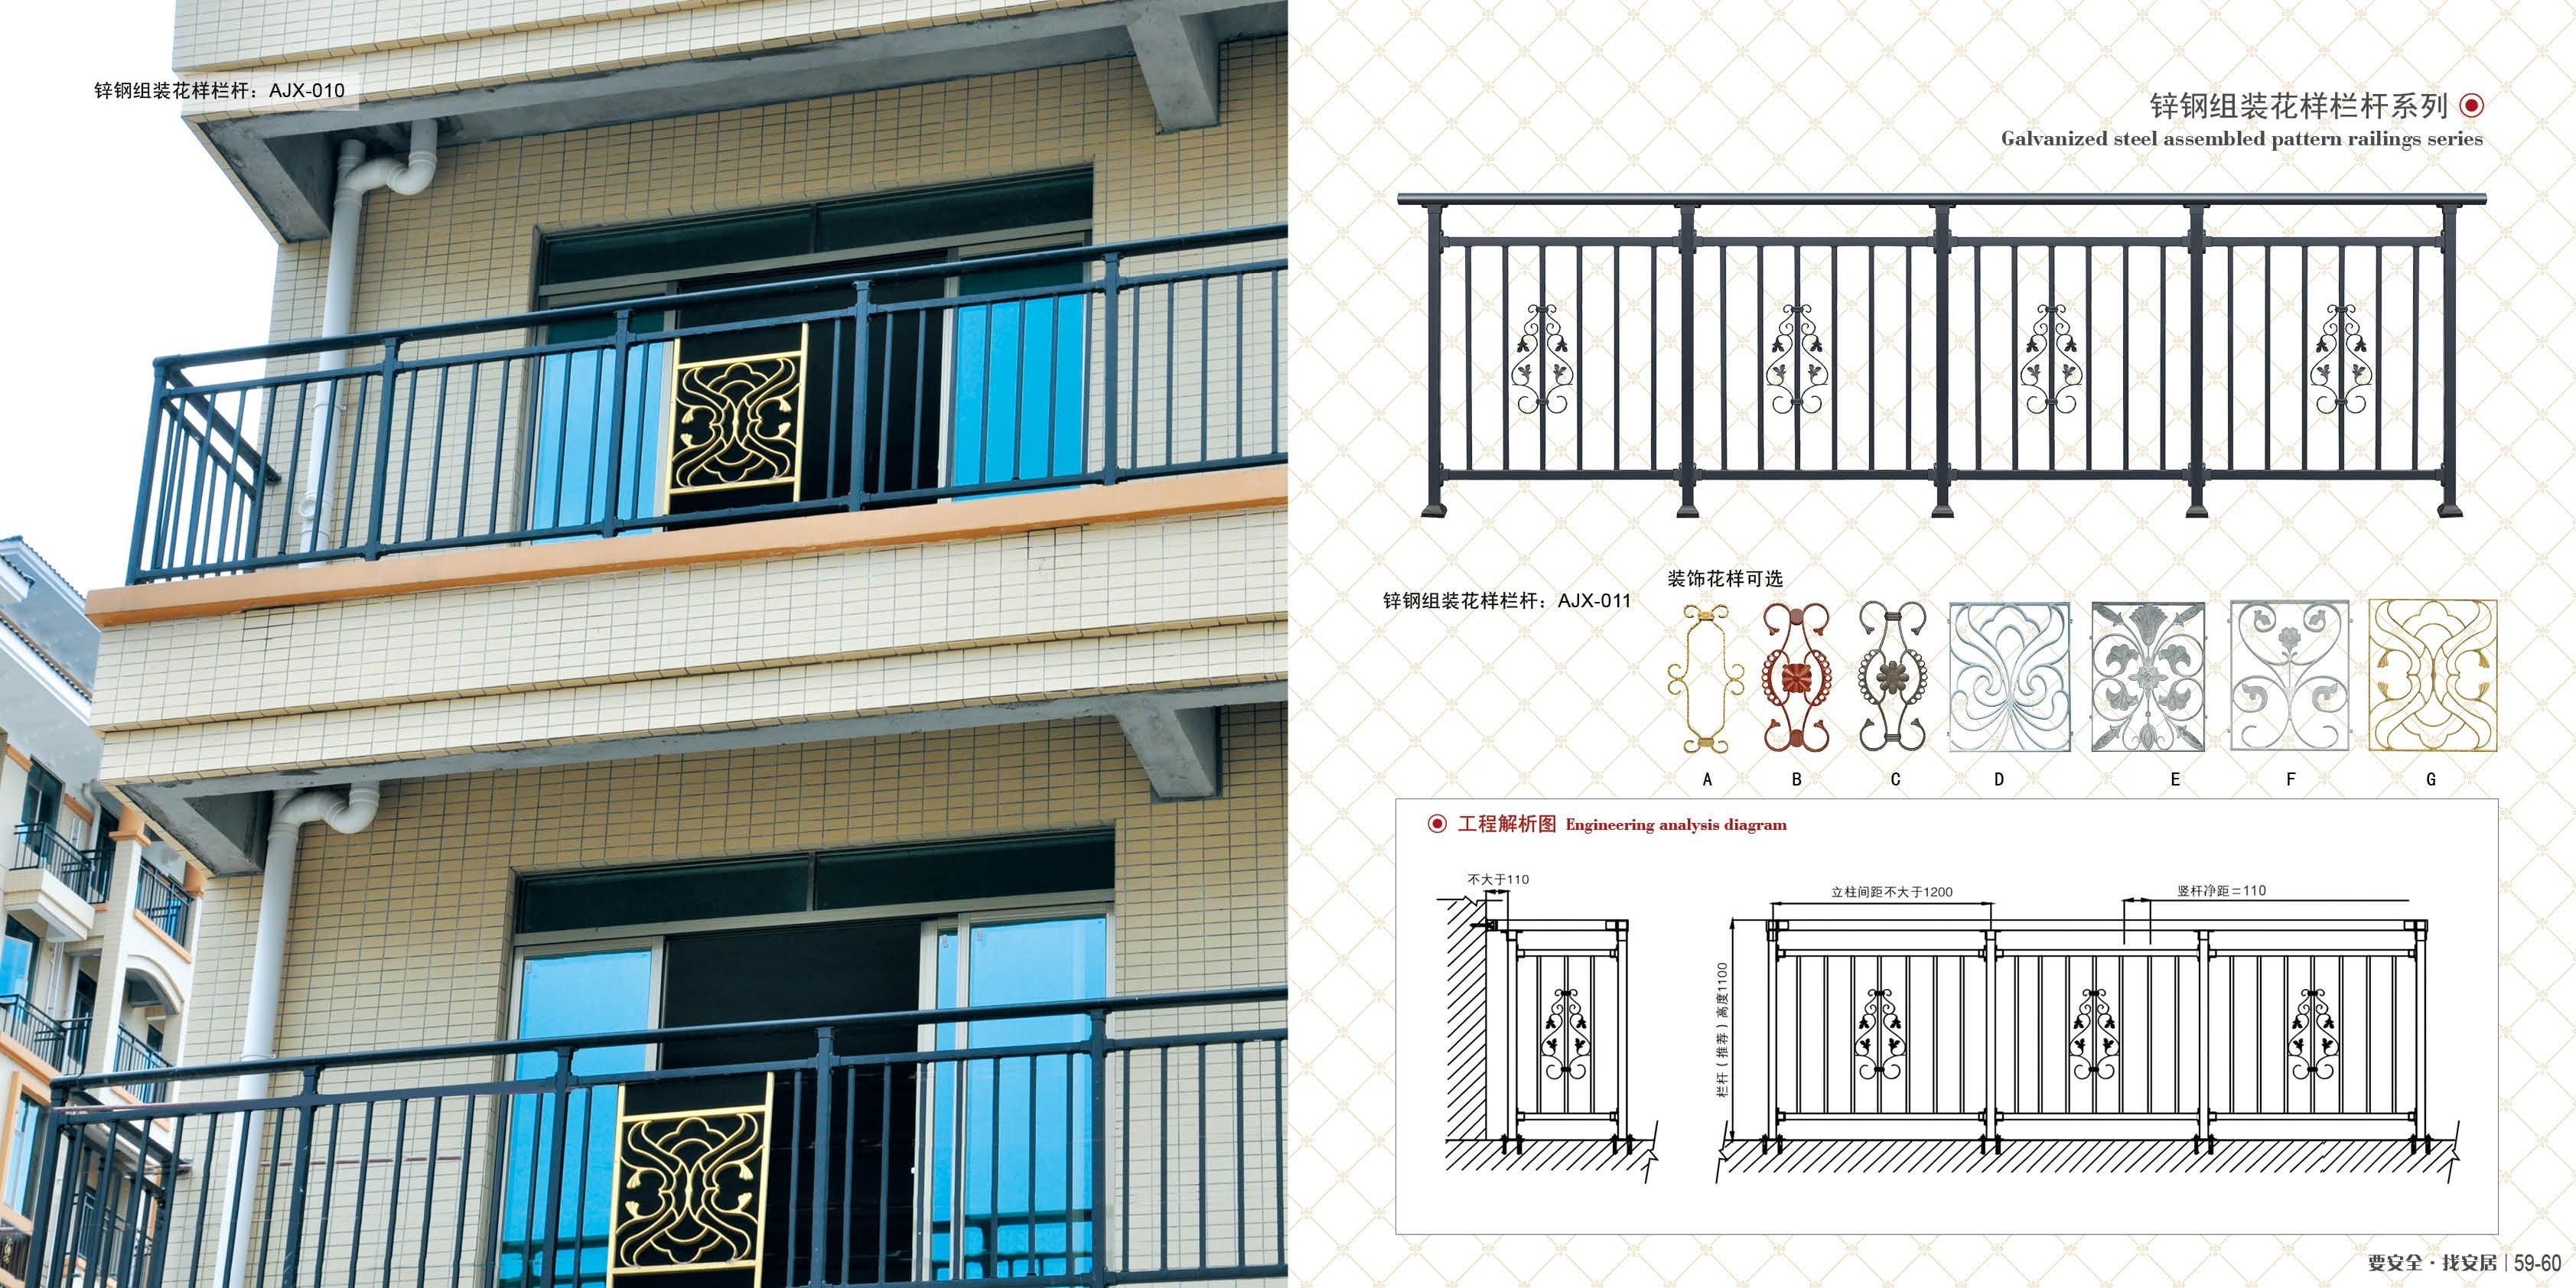 锌钢组装花样栏杆:AJX-010/AJX-011